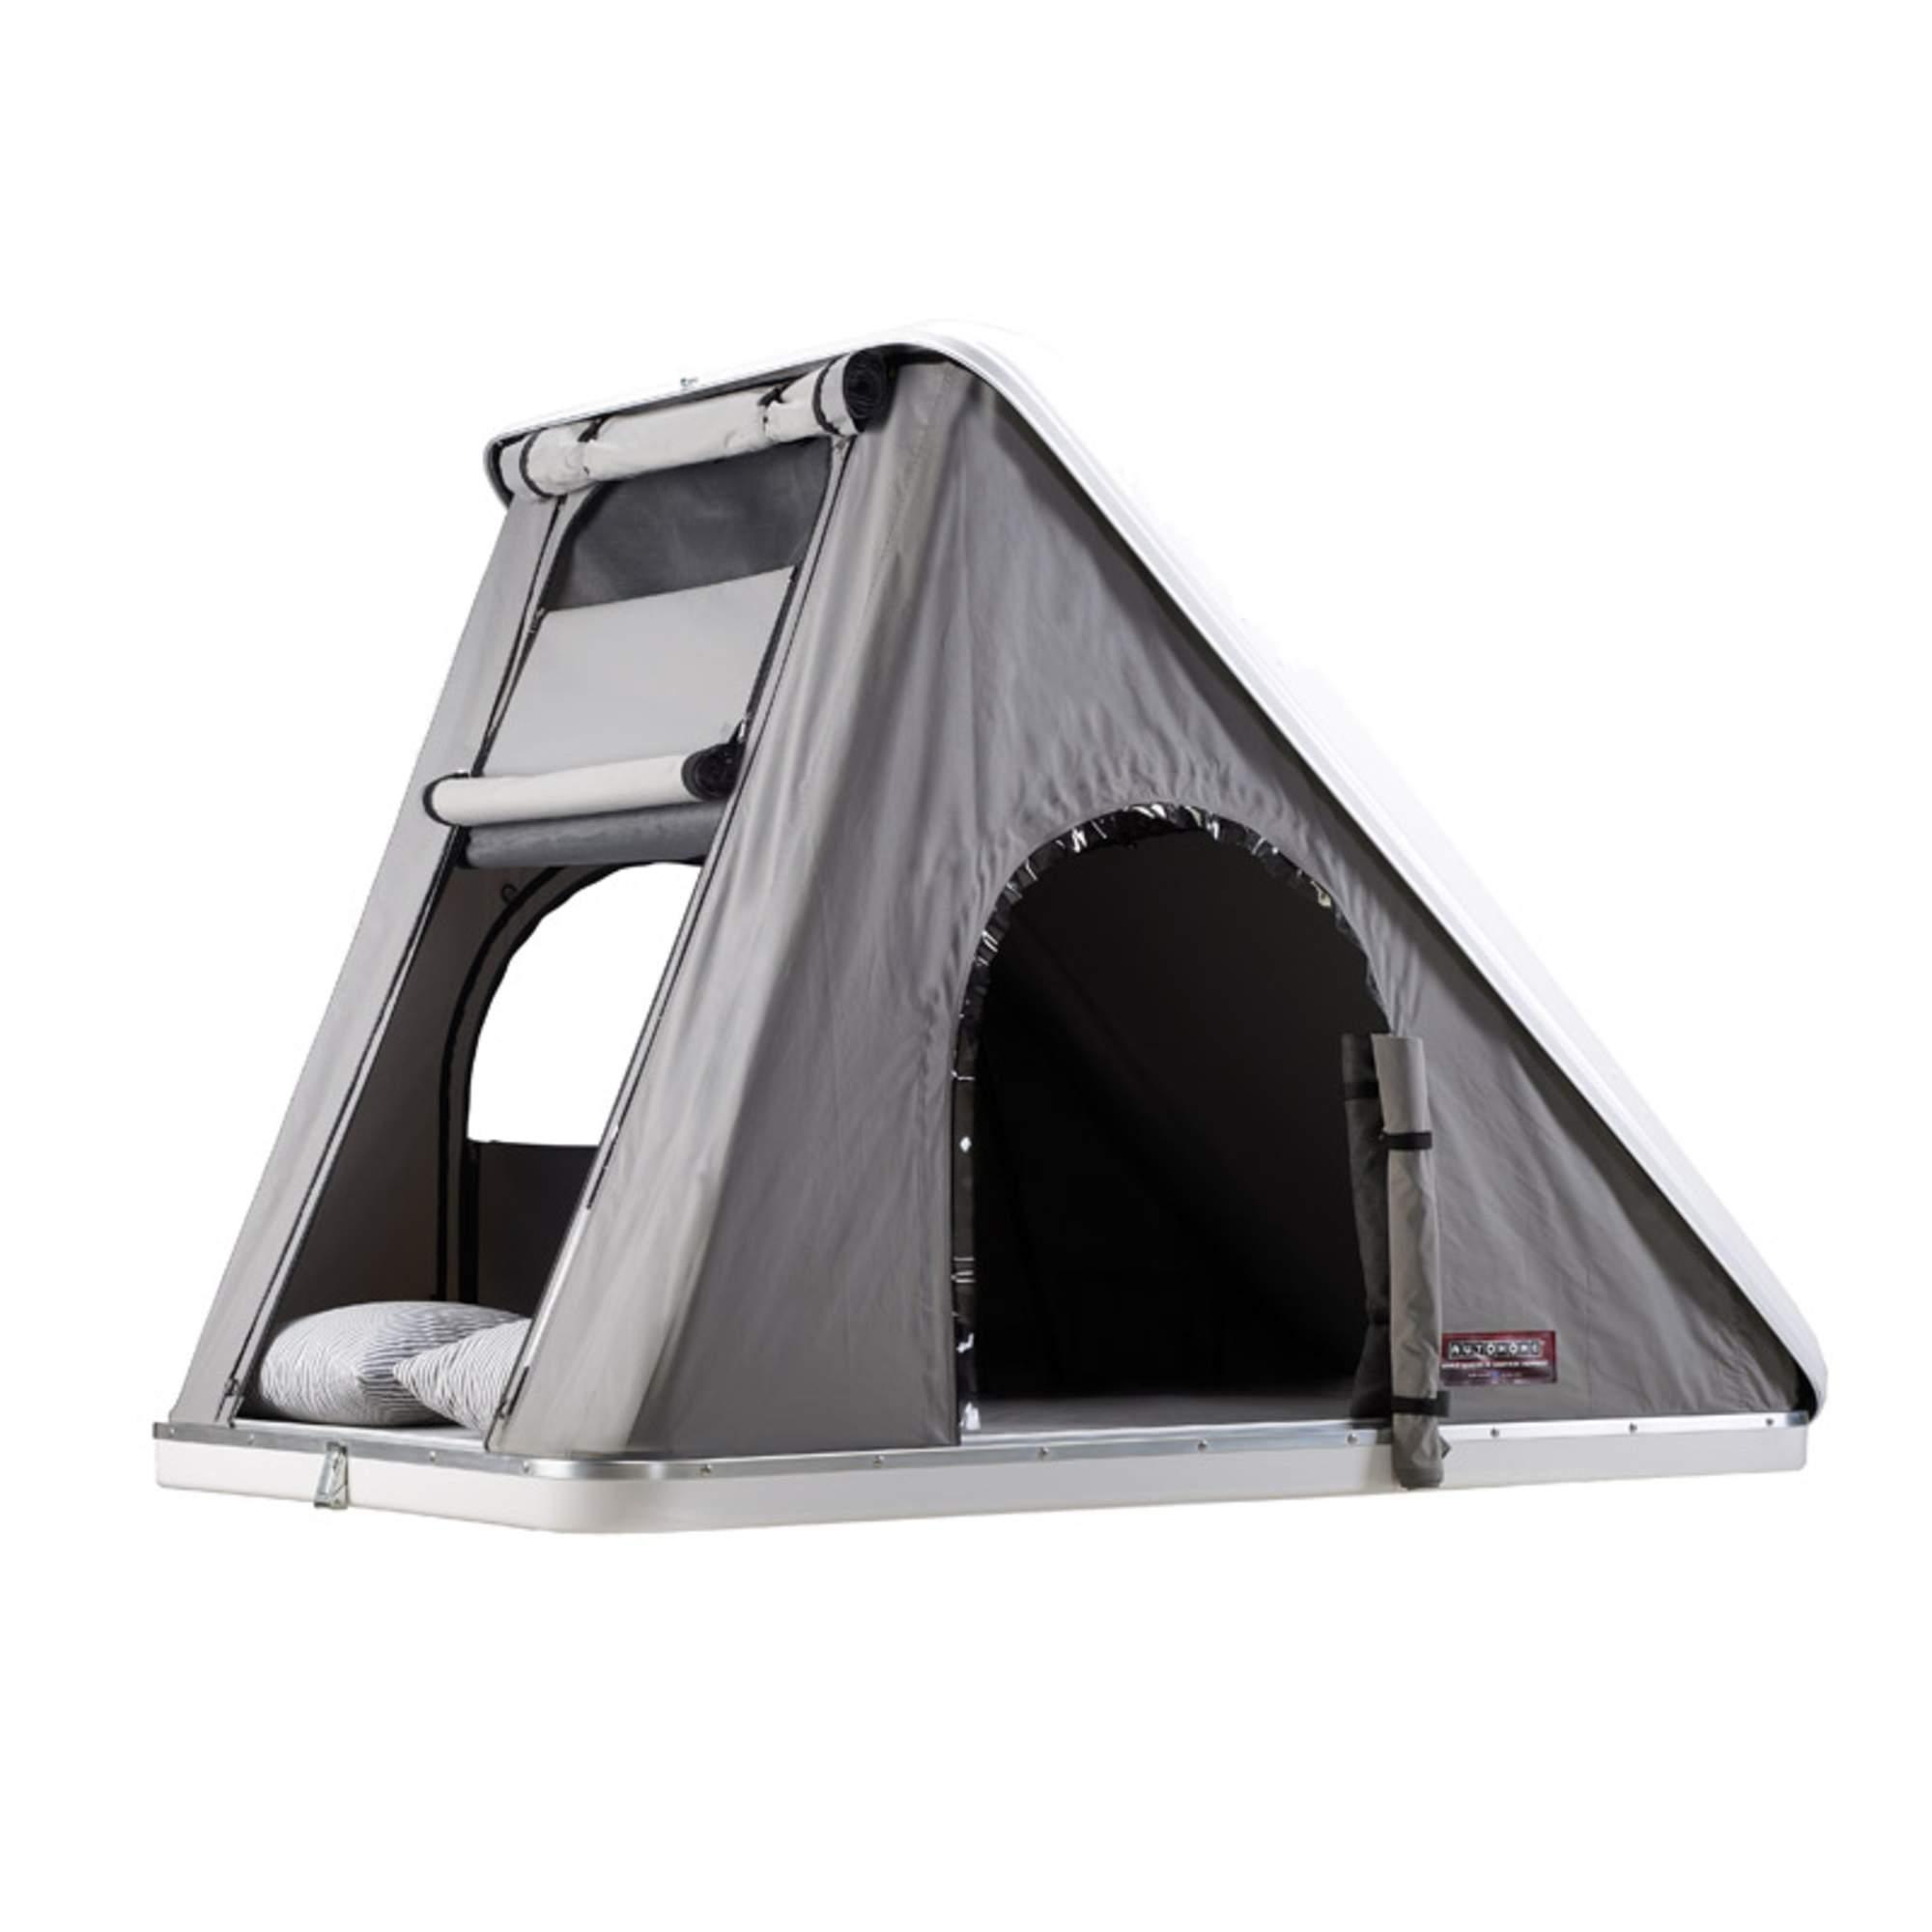 zeltvergleich outdoor und camping zelte vergleichen. Black Bedroom Furniture Sets. Home Design Ideas